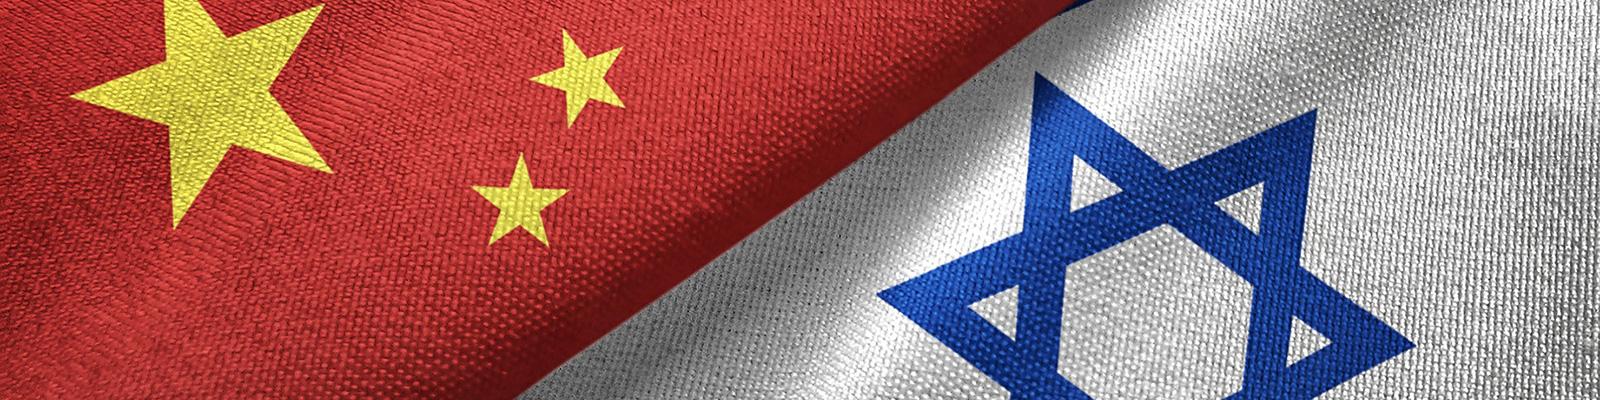 イスラエル 中国 国旗 イメージ